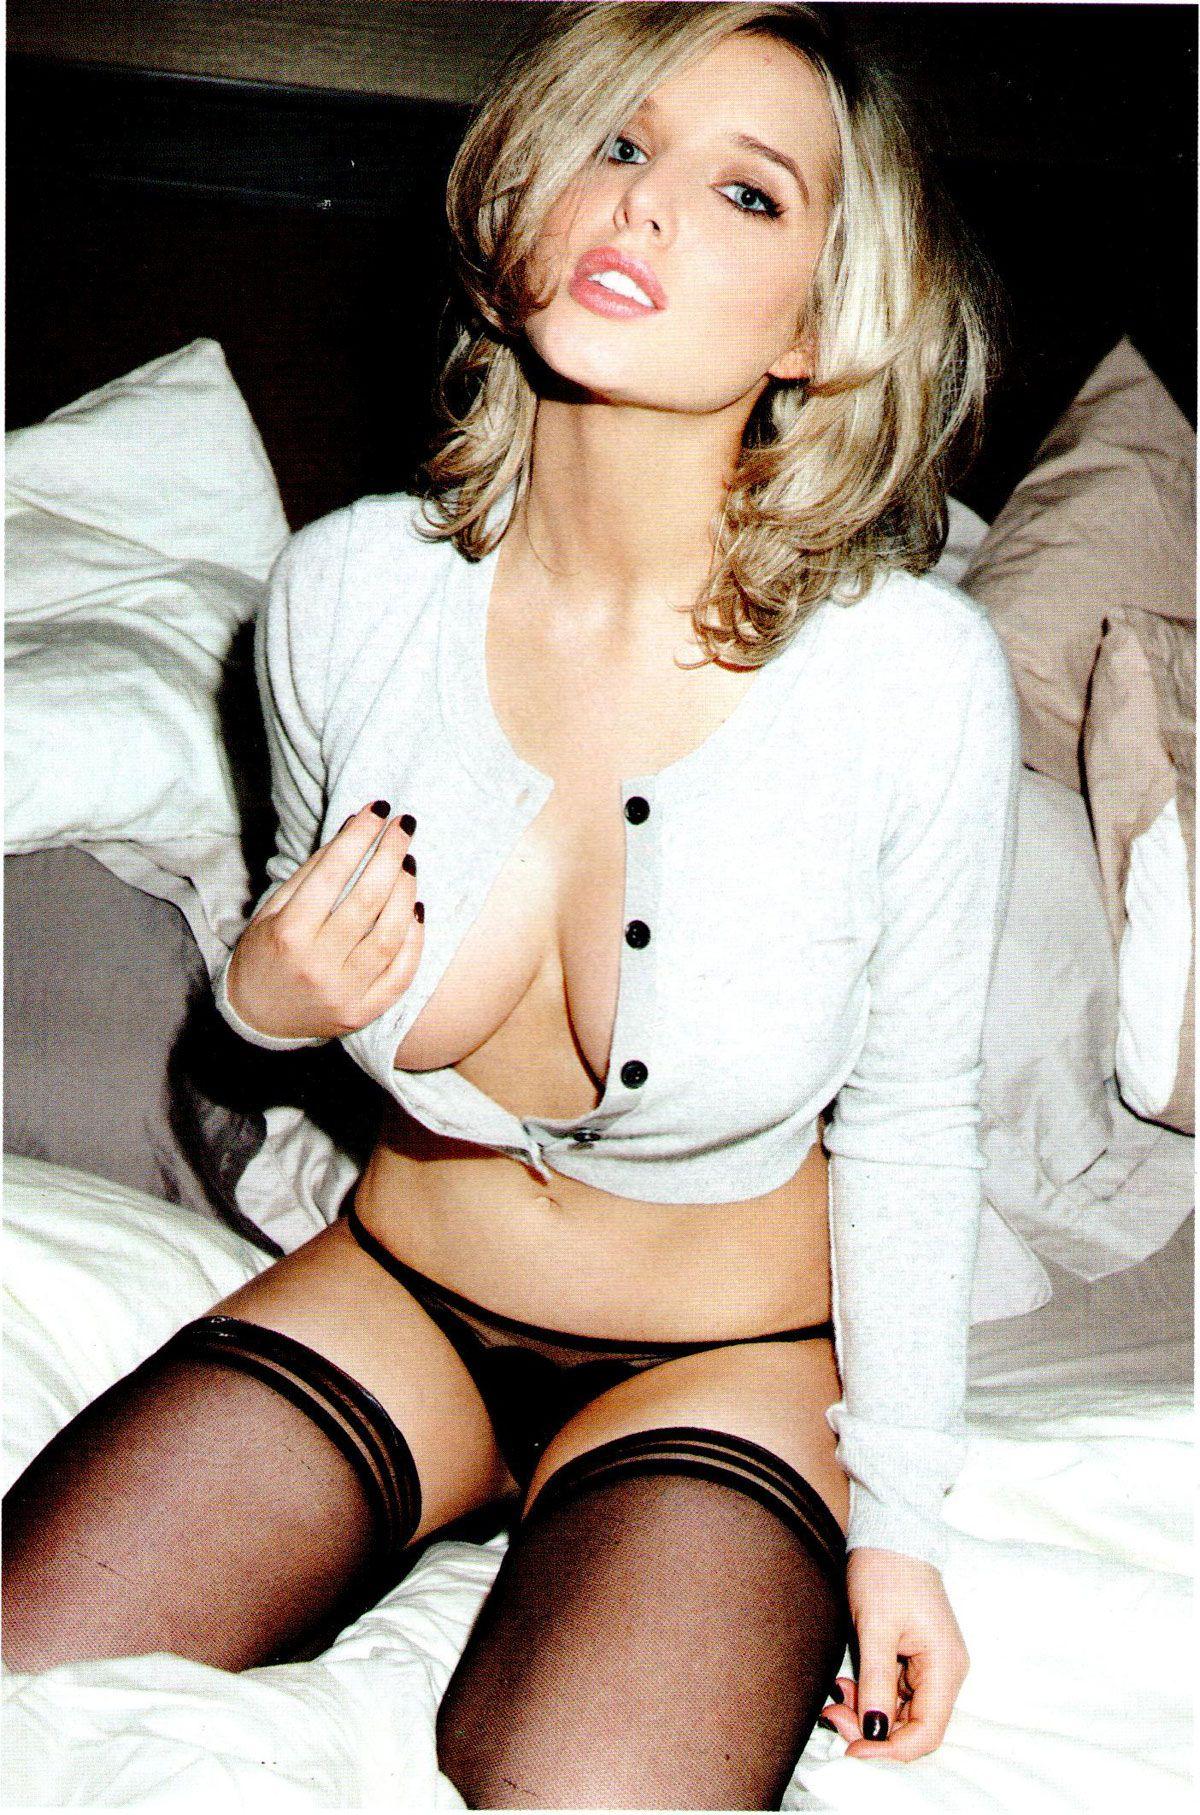 Helen Flanagan Sexy Stockings Gorgeous Women Hello Gorgeous Eye Candy Satin